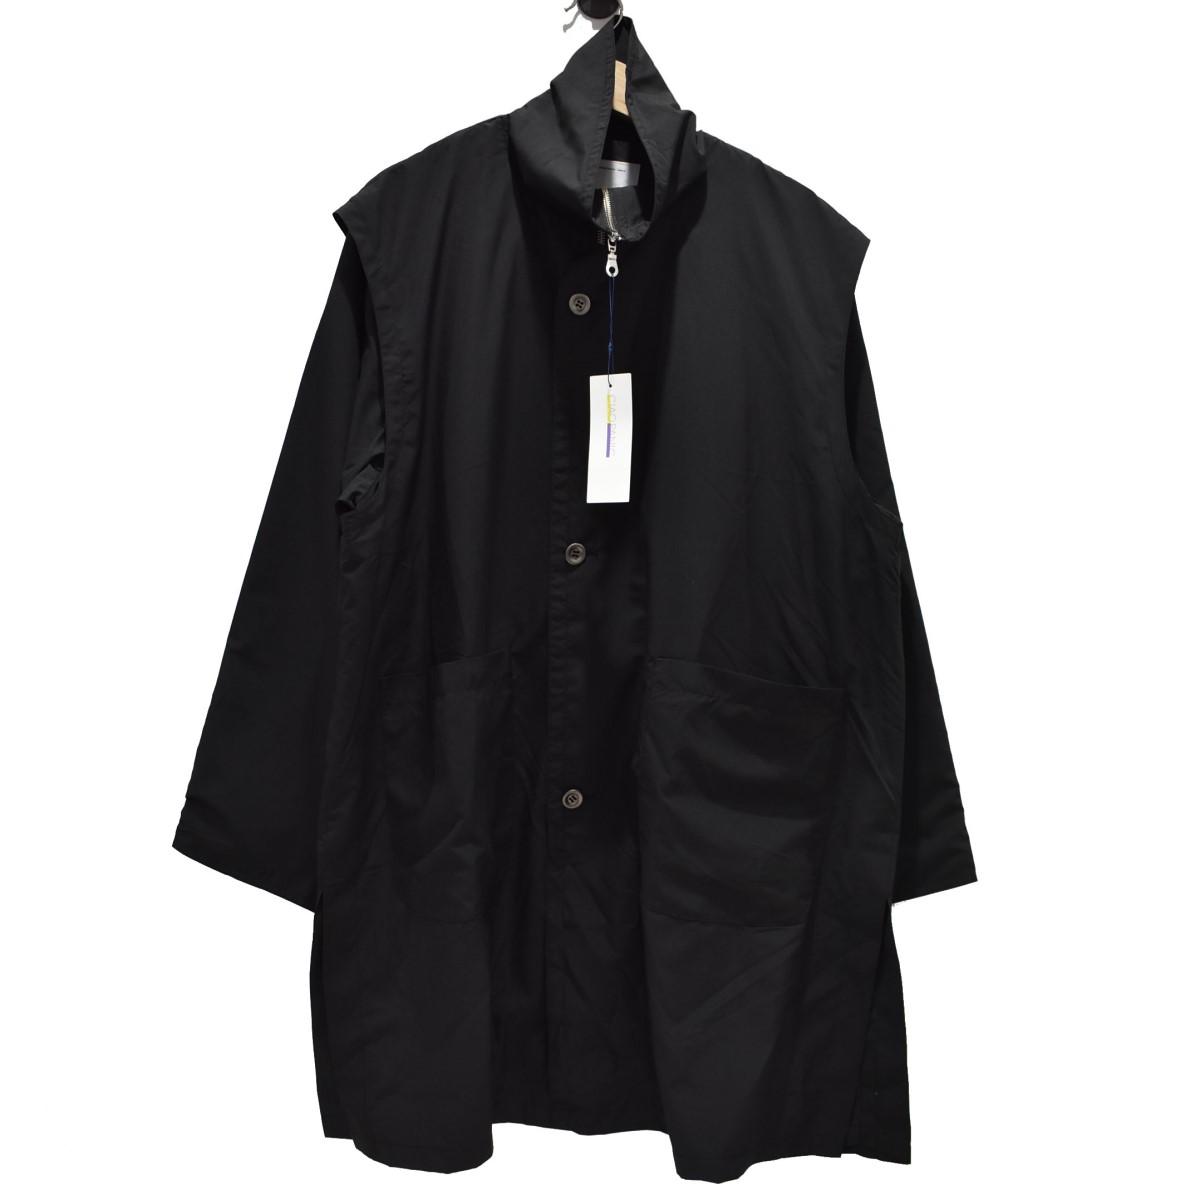 【中古】MADE BY WISLOM CIAOPANIC別注 ヨークコート スプリングコート ブラック サイズ:M 【020520】(メイドバイウィズロム)